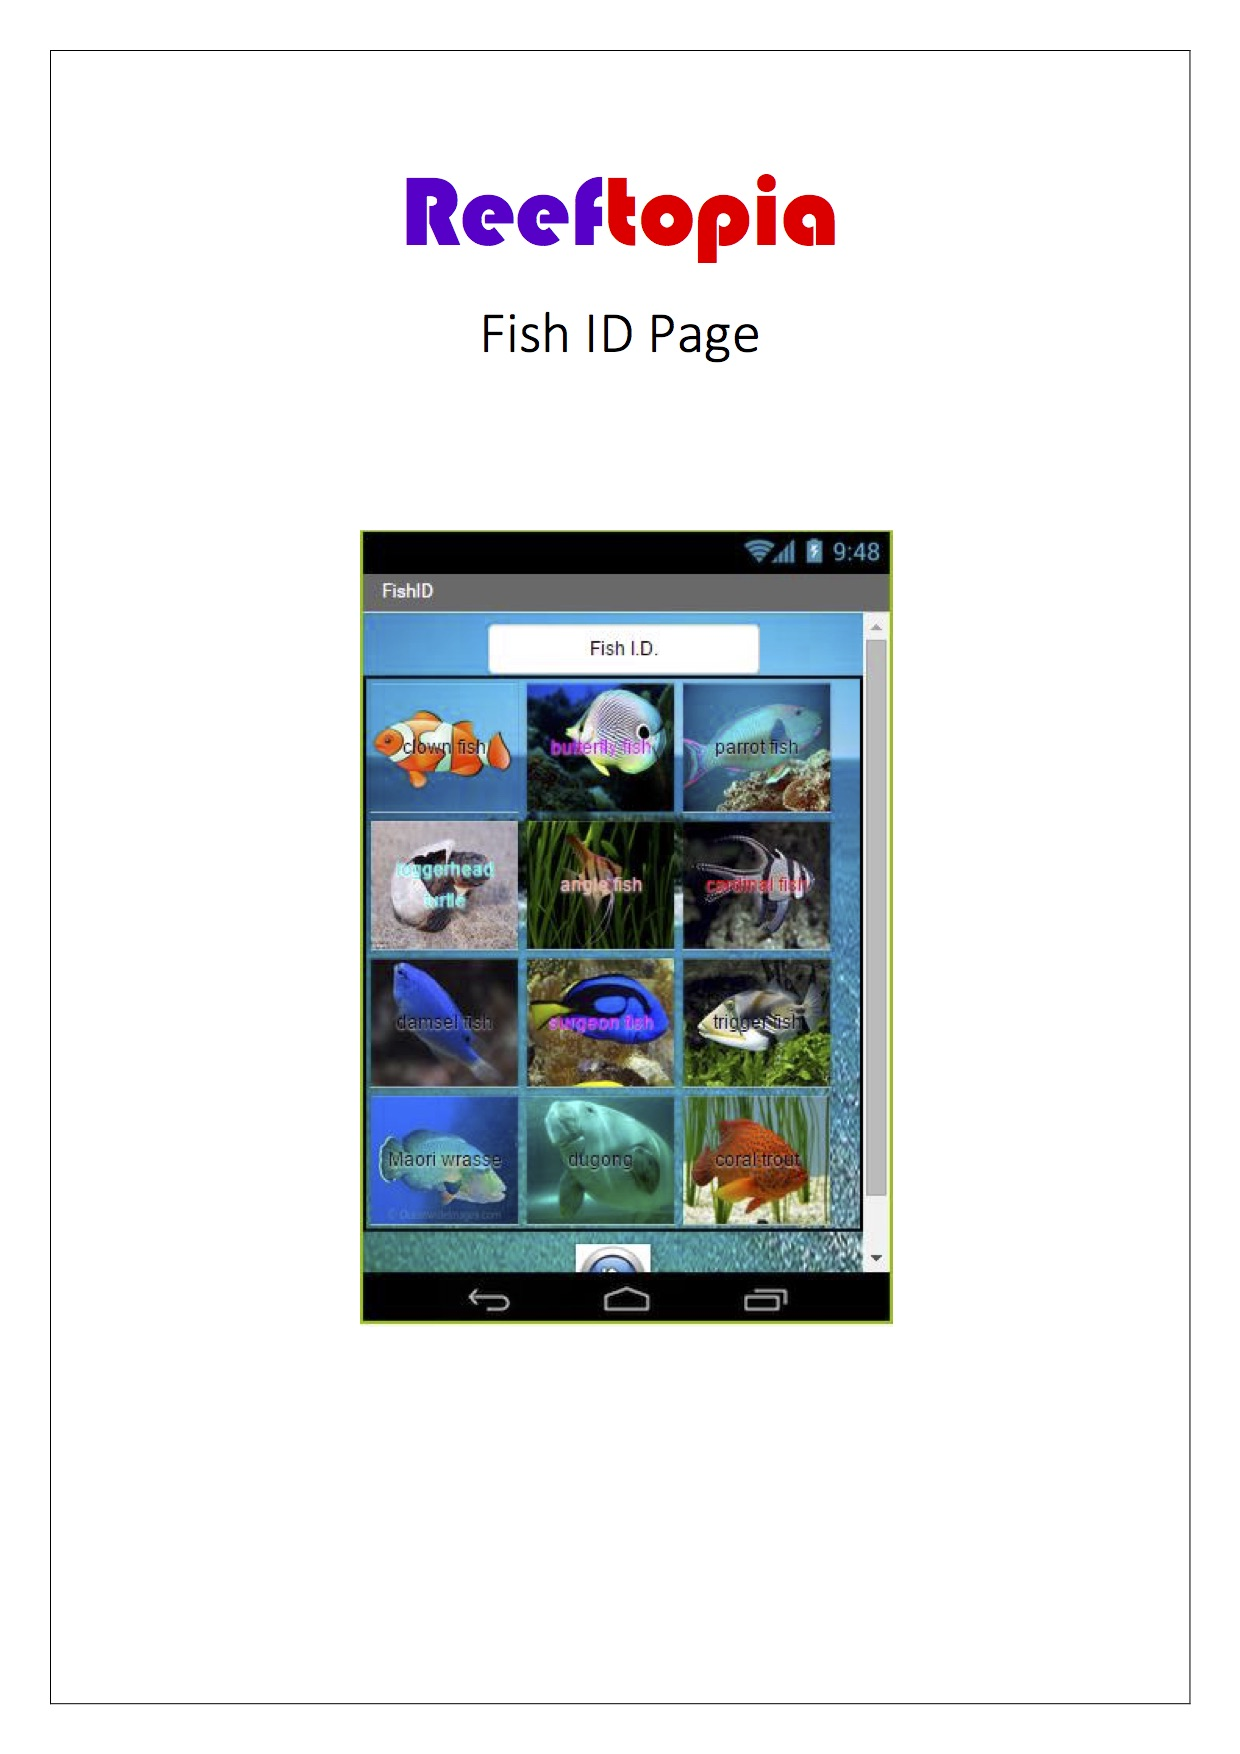 Screenshot 5.jpg